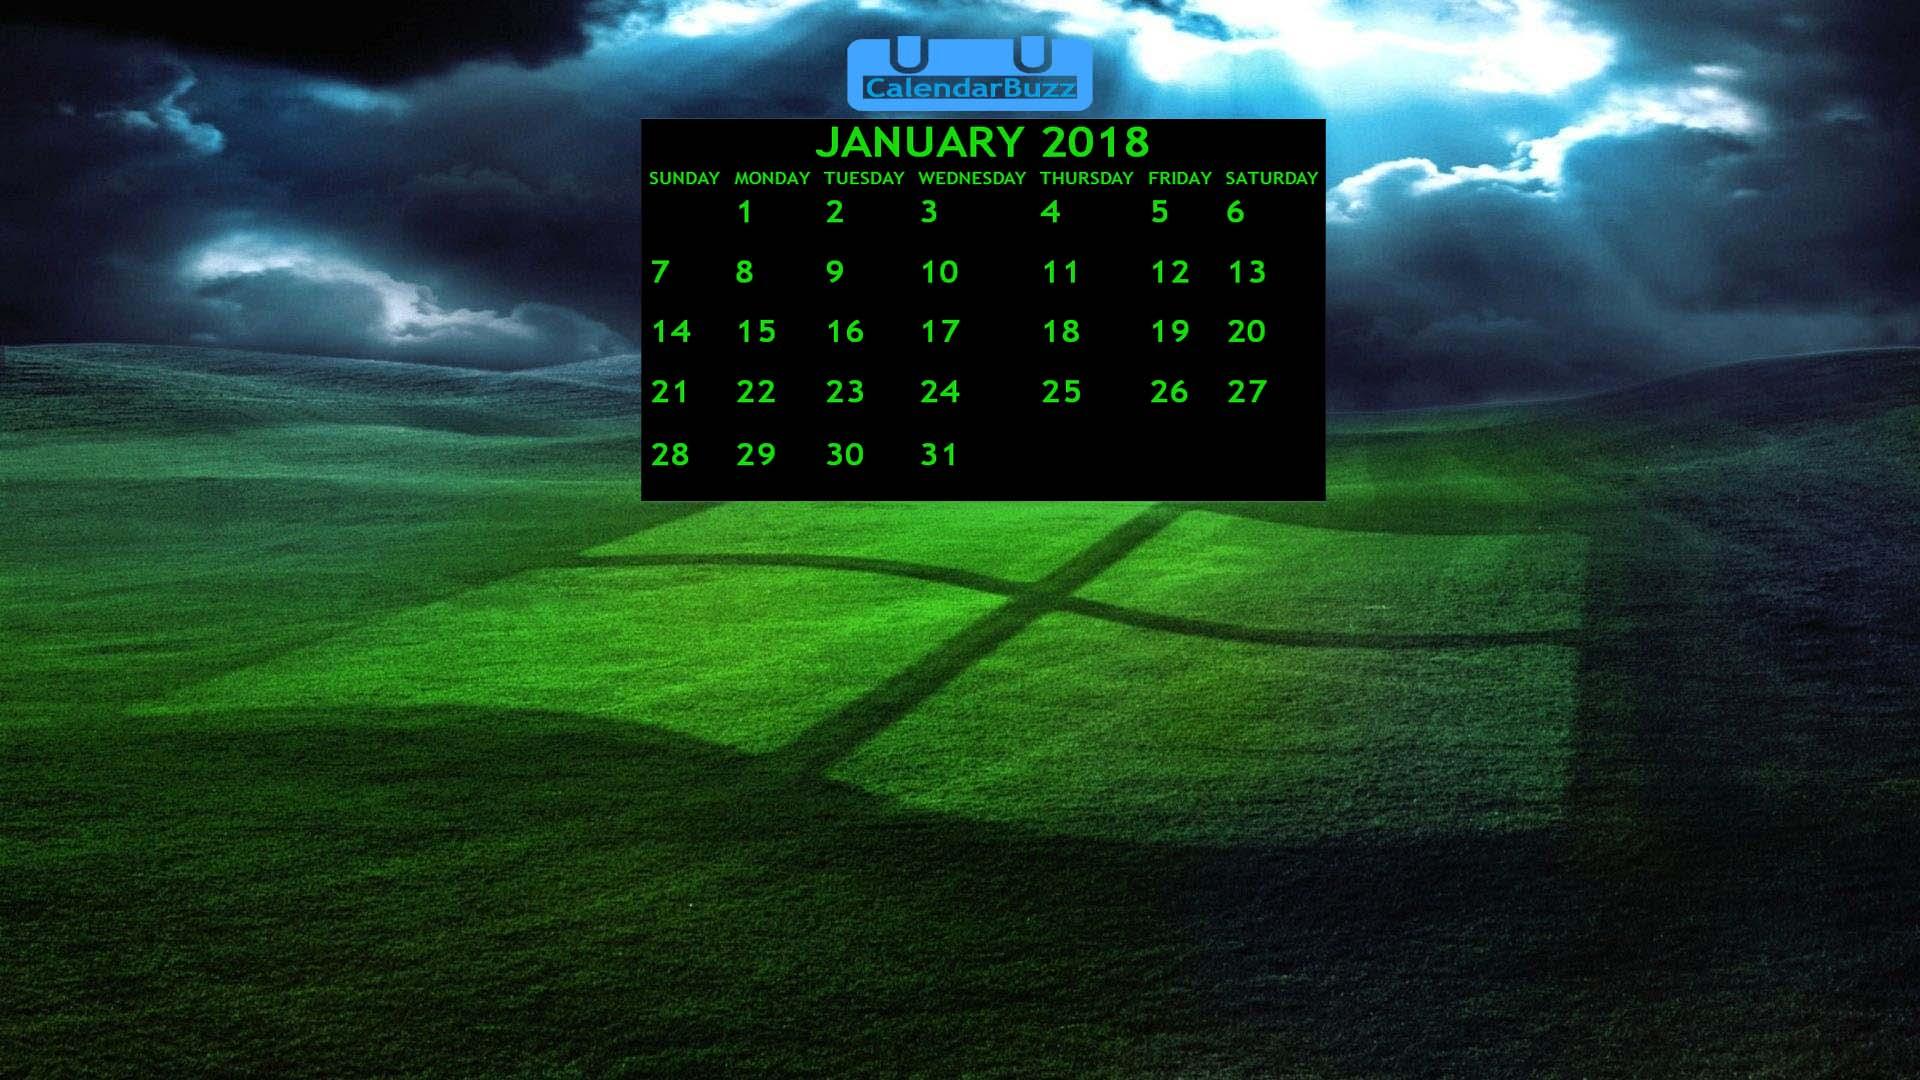 January 2018 Calendar Wallpaper CalendarBuzz 1920x1080